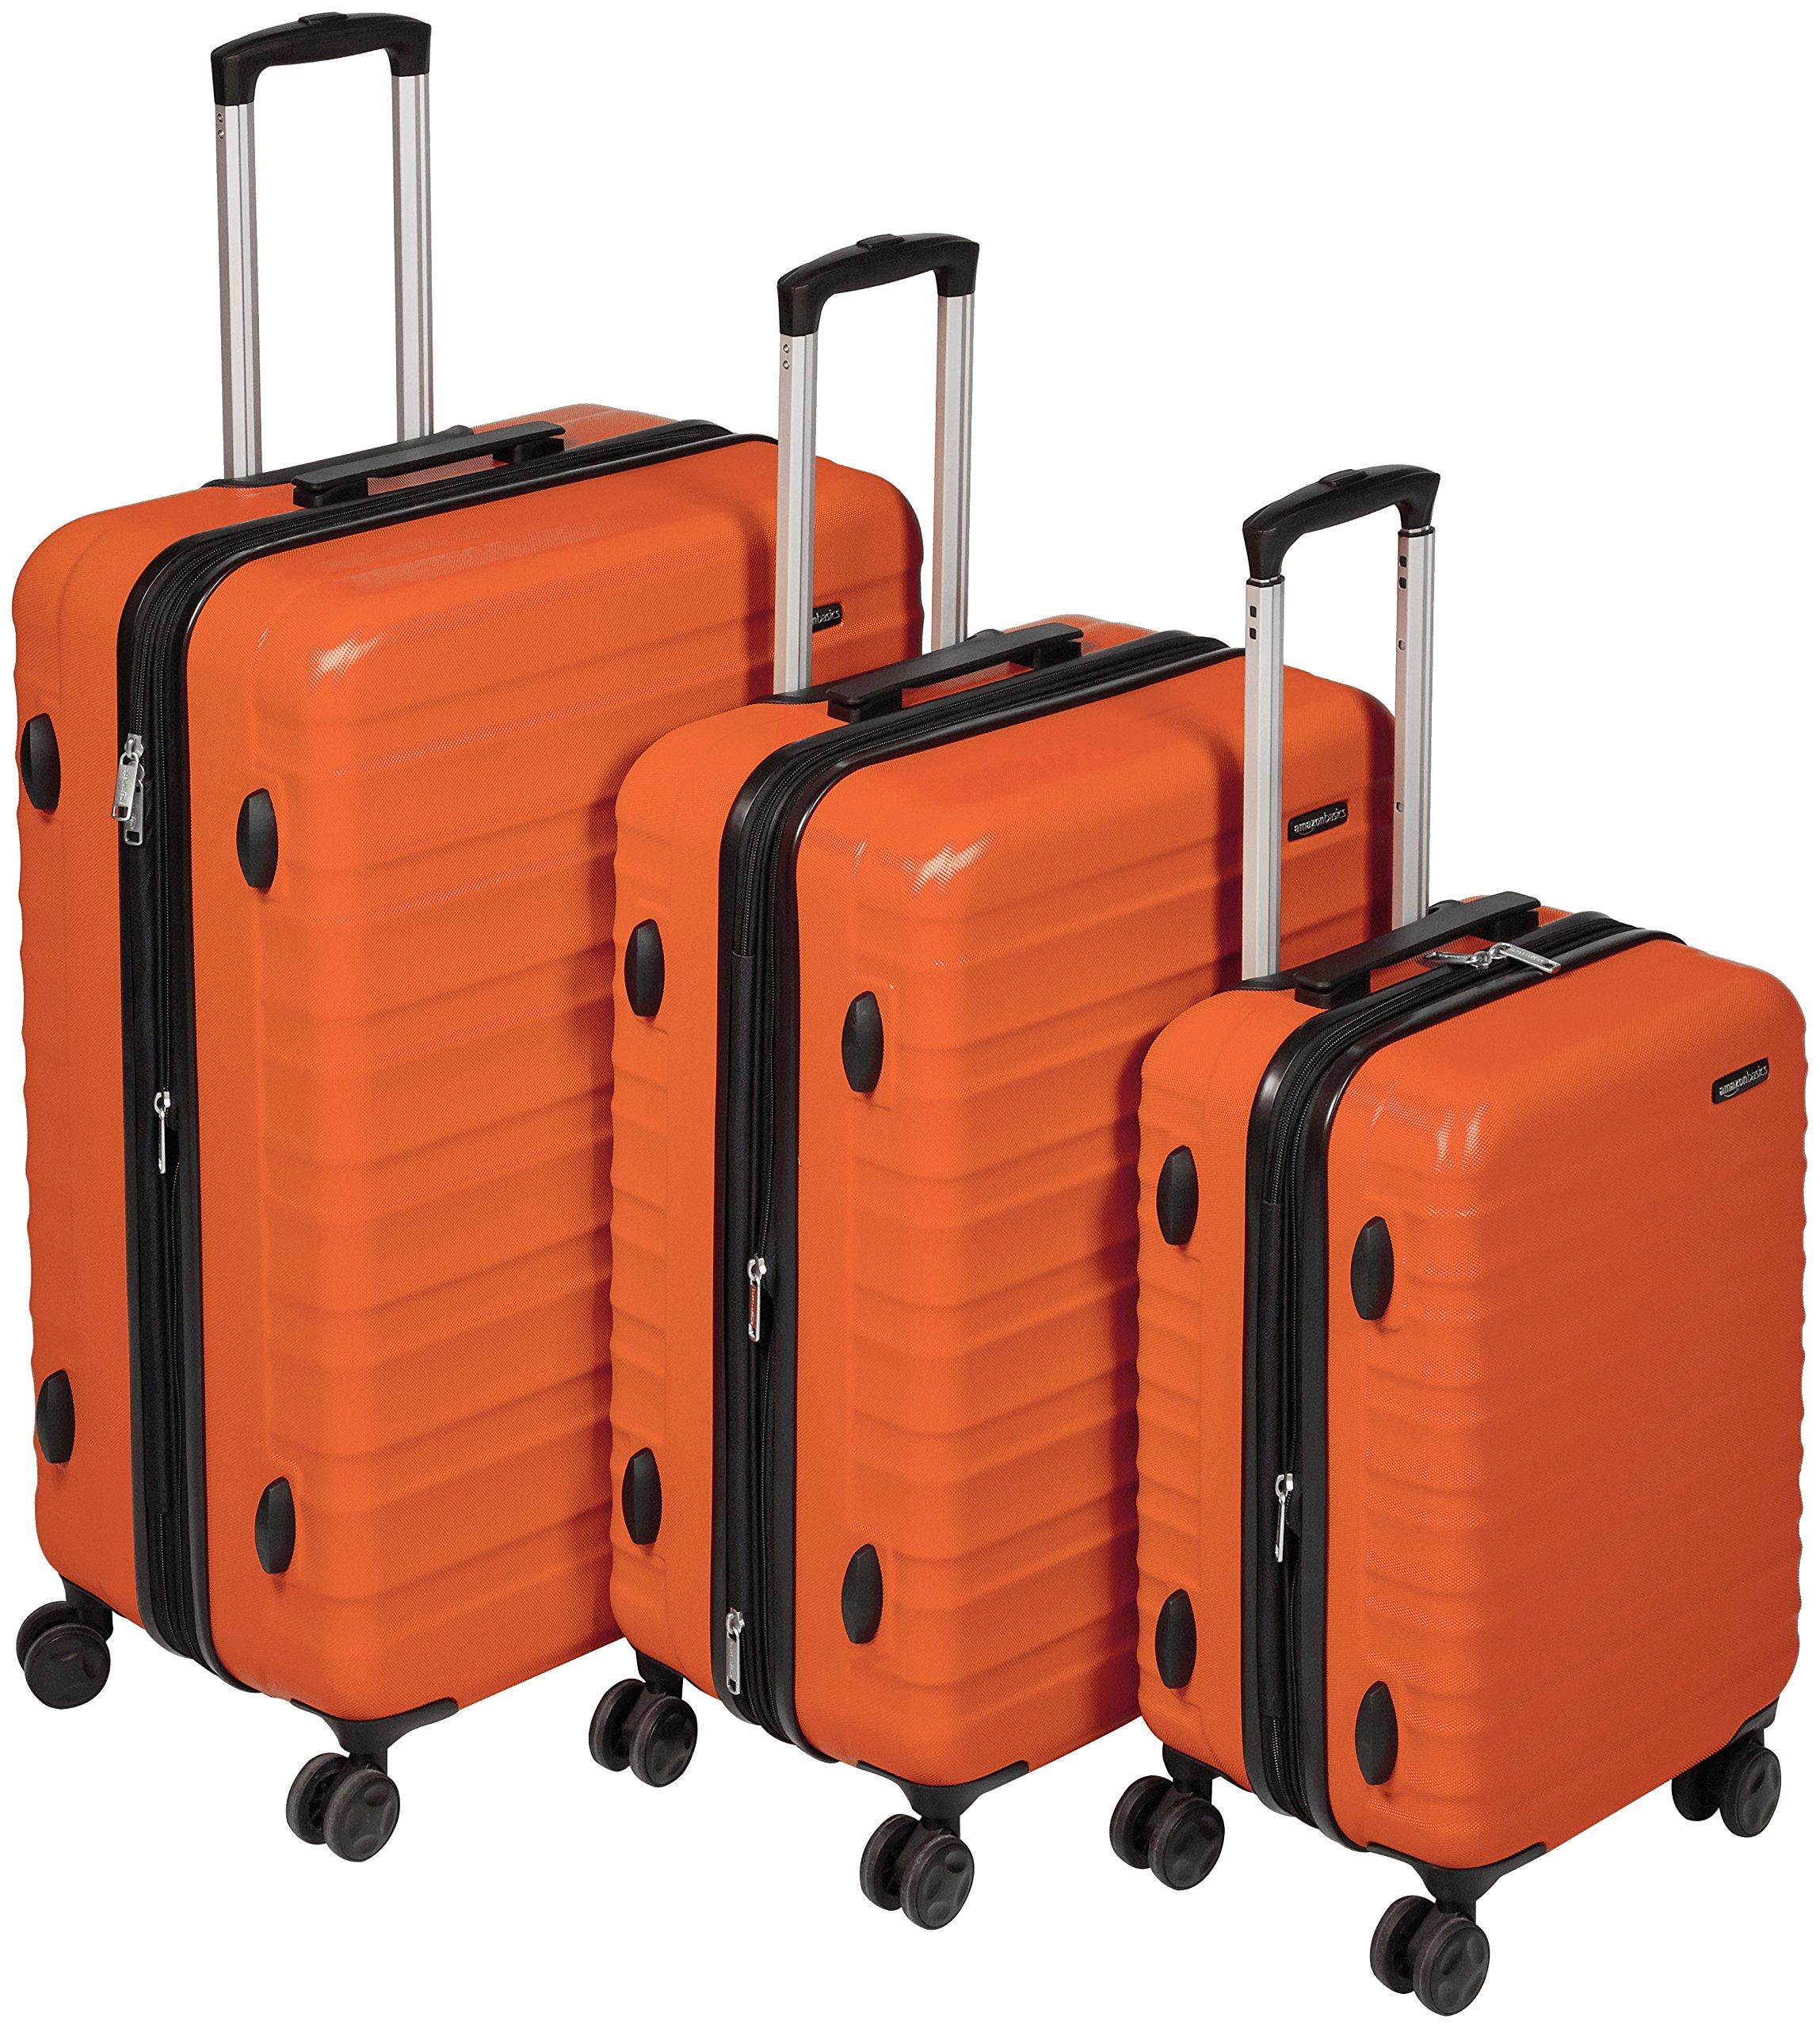 AmazonBasics Hardside Spinner Luggage - 3 Piece Set (20'', 24'', 28''), Burnt Orange